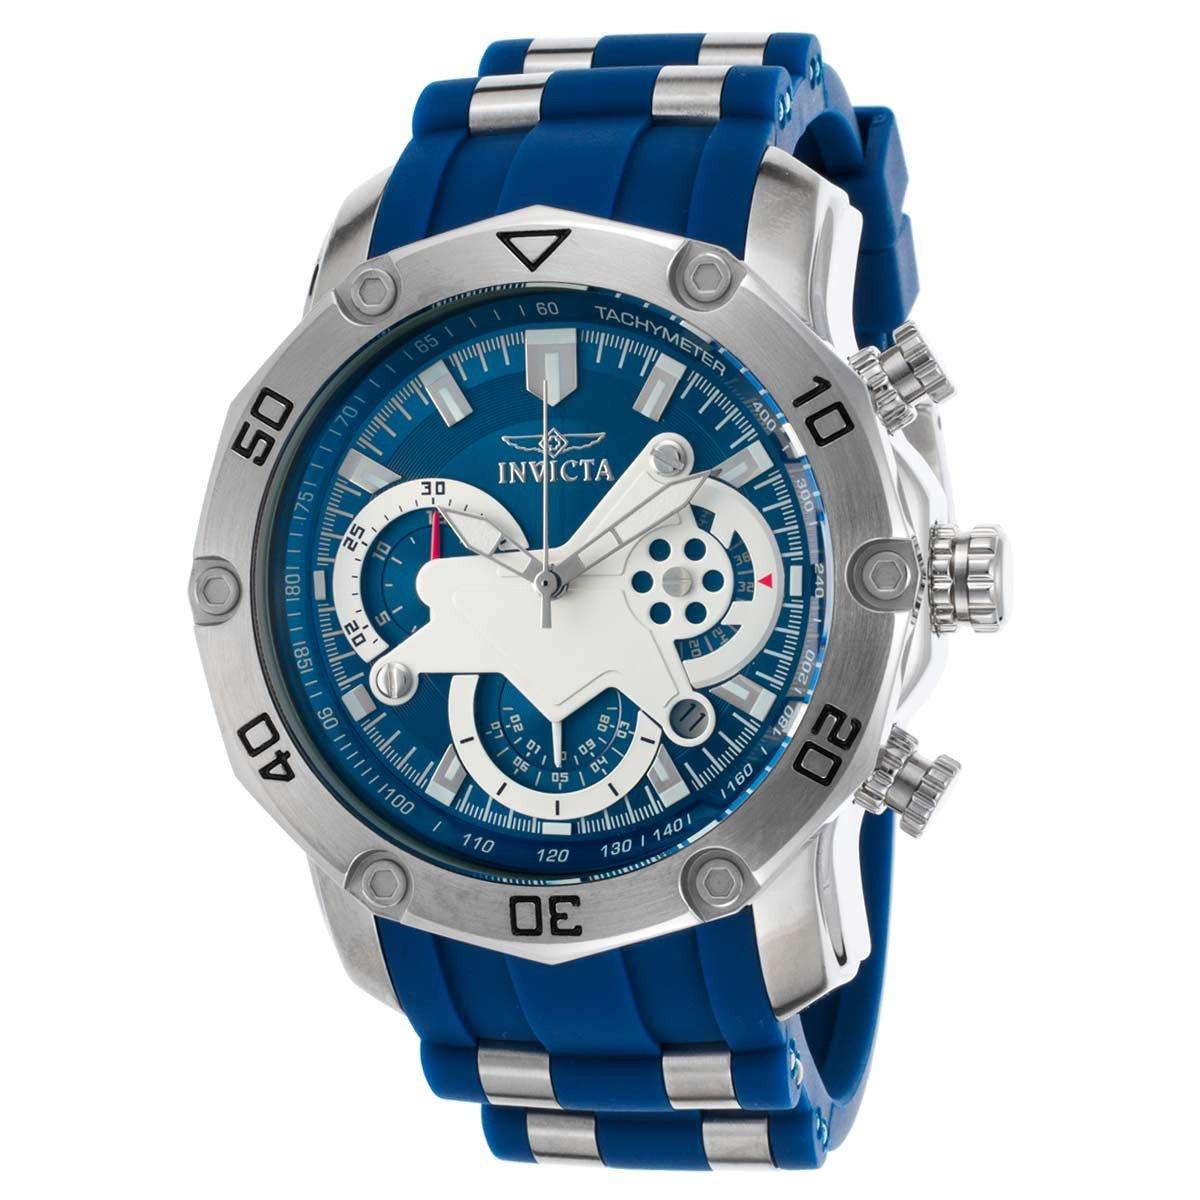 Invicta 22796 Men's Pro Diver Blue & White Dial Steel & Silicone Strap Chronograph Watch